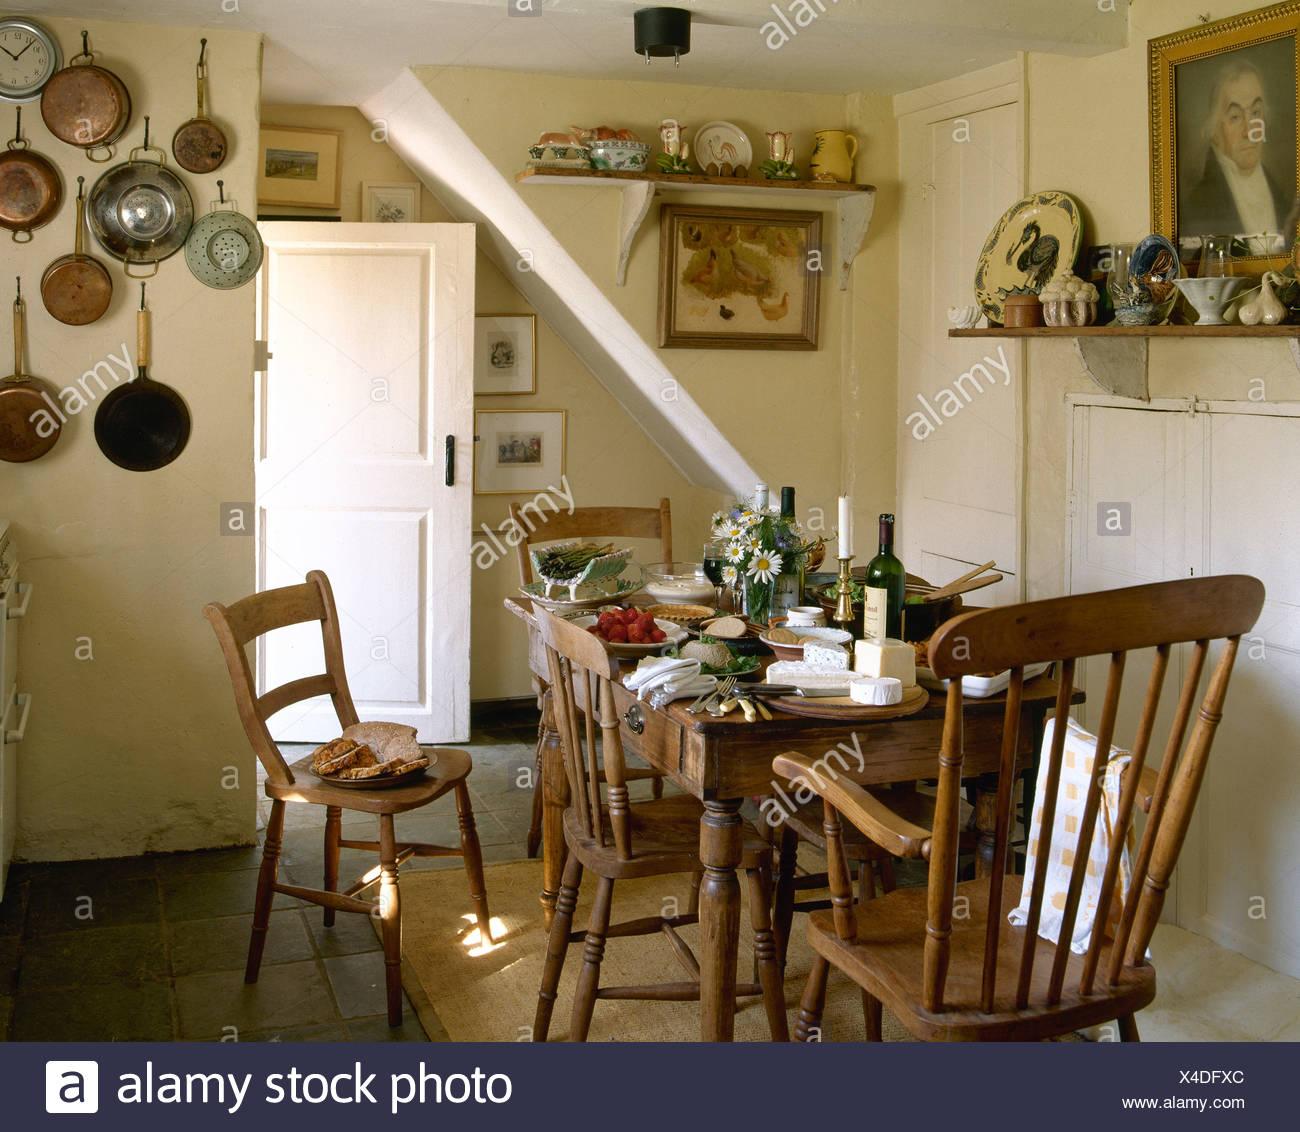 Semplice con sedie in legno e pino antico tavolo per pranzo in ...